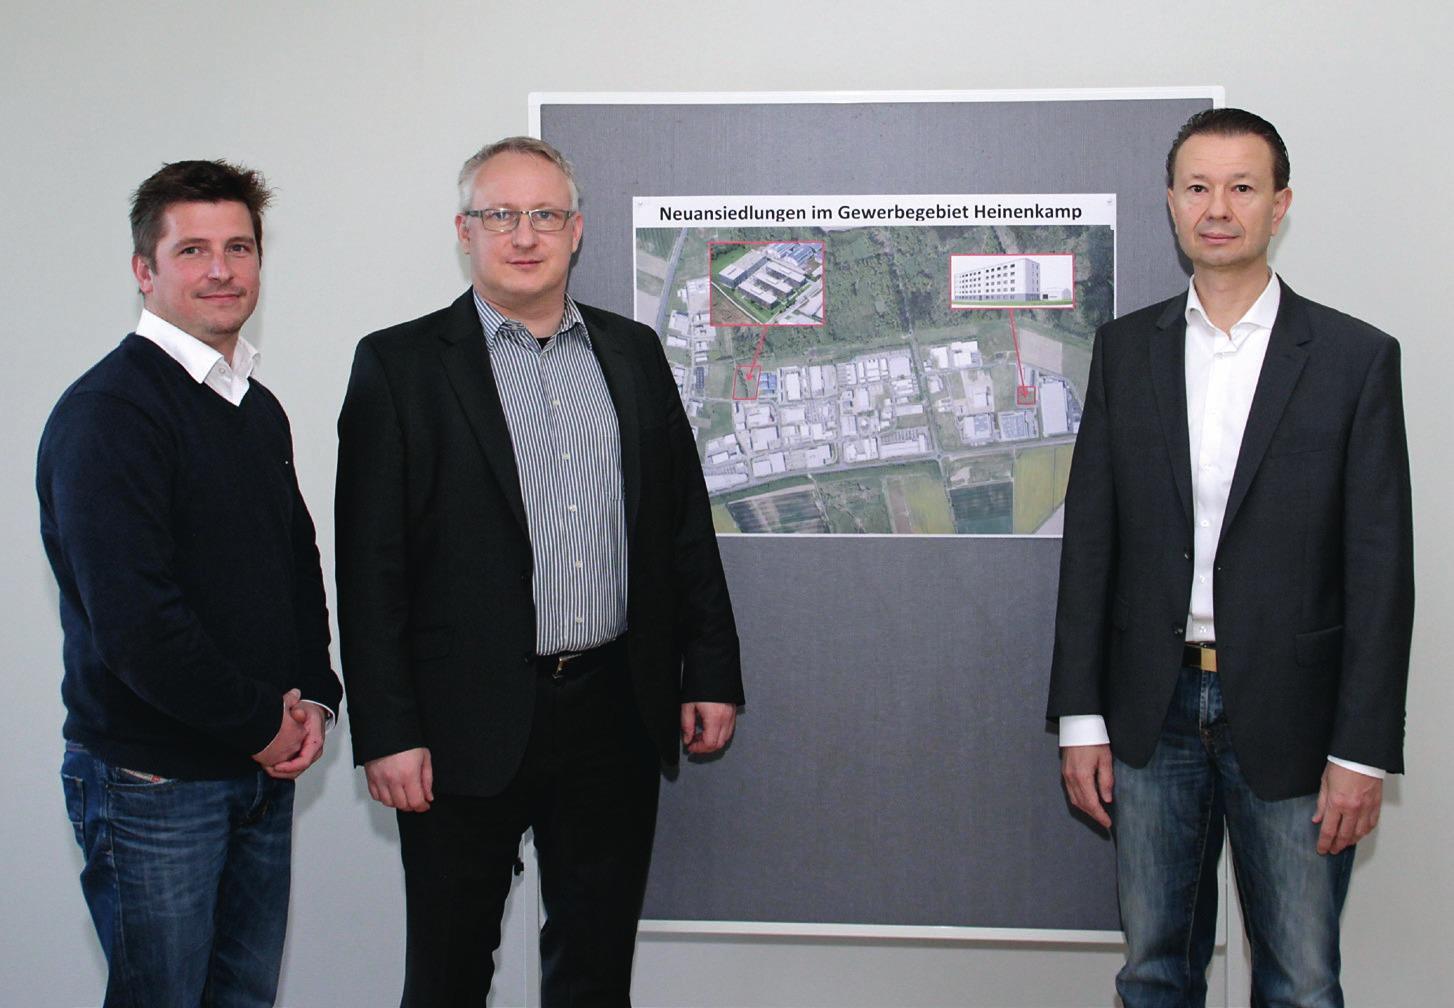 Von links: Simon Diestelmann (Standortleiter in-tech Engineering Campus), René Borowka (Lieferantenansiedlung, Wolfsburg AG), Kai Kronschnabel (Vermieter Engineering-Zentrum für Zulieferunternehmen). Foto: Wolfsburg AG